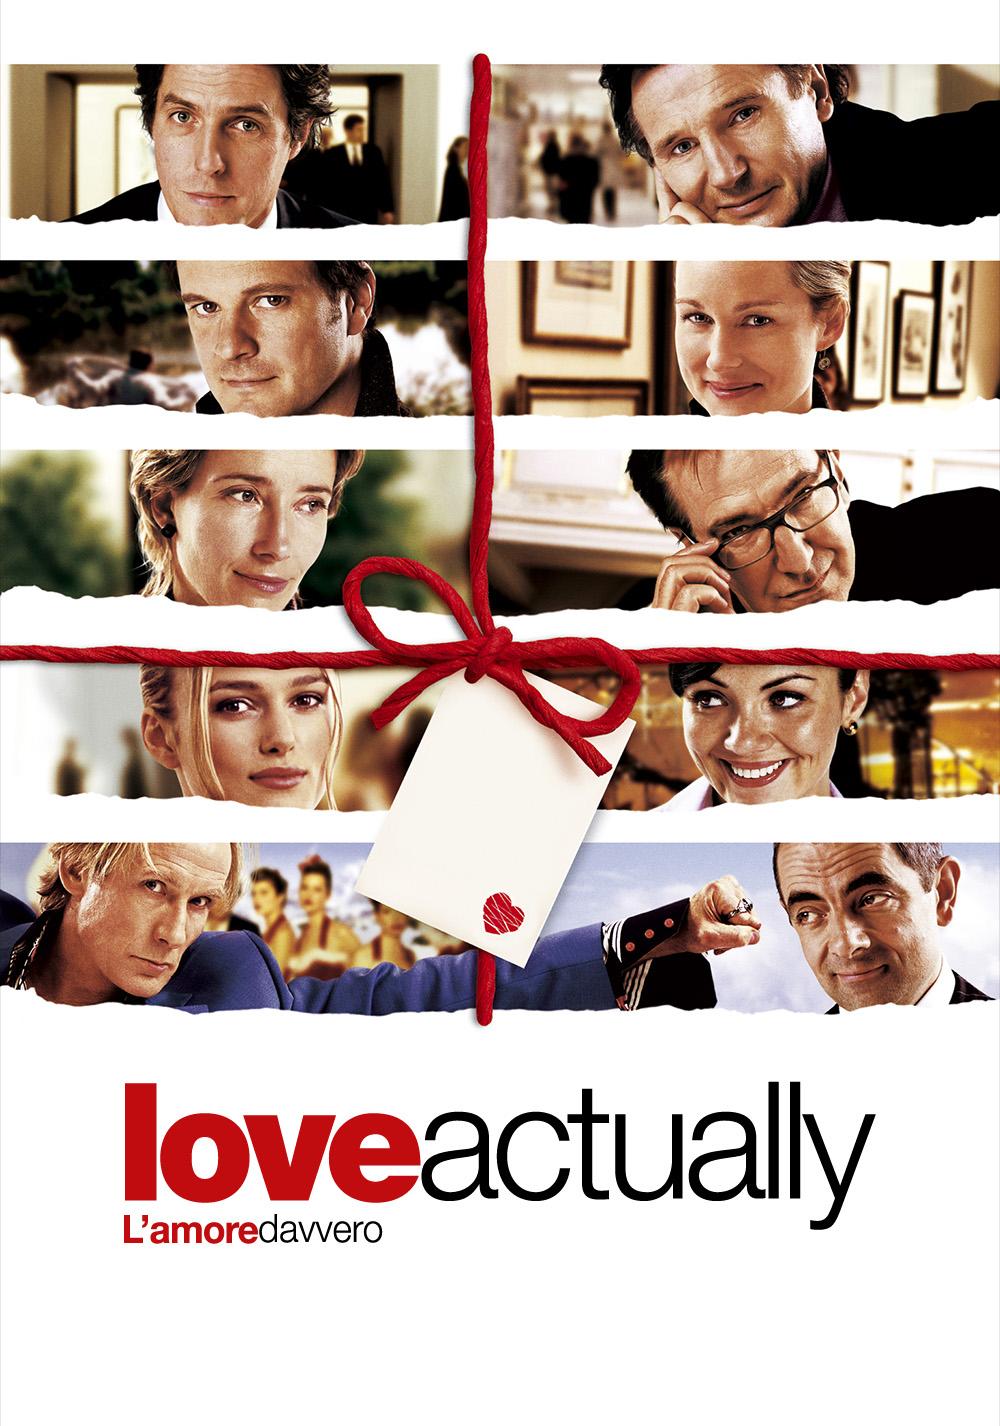 love-actually-5683f5b93e861.jpg